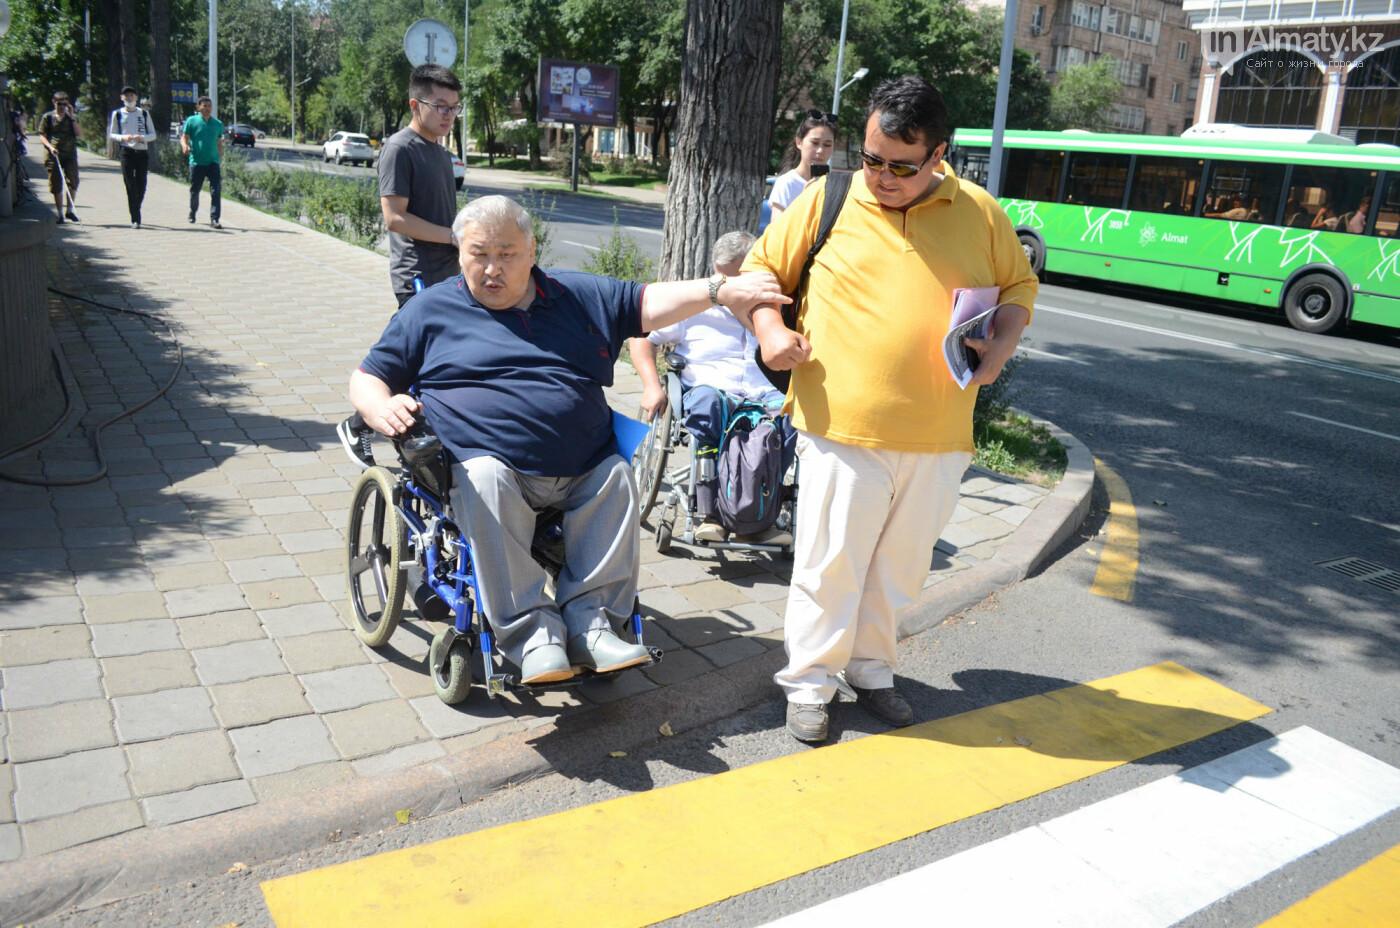 Недоступная среда: Почему реконструированная пешеходная зона по Назарбаева неудобна для инвалидов, фото-5